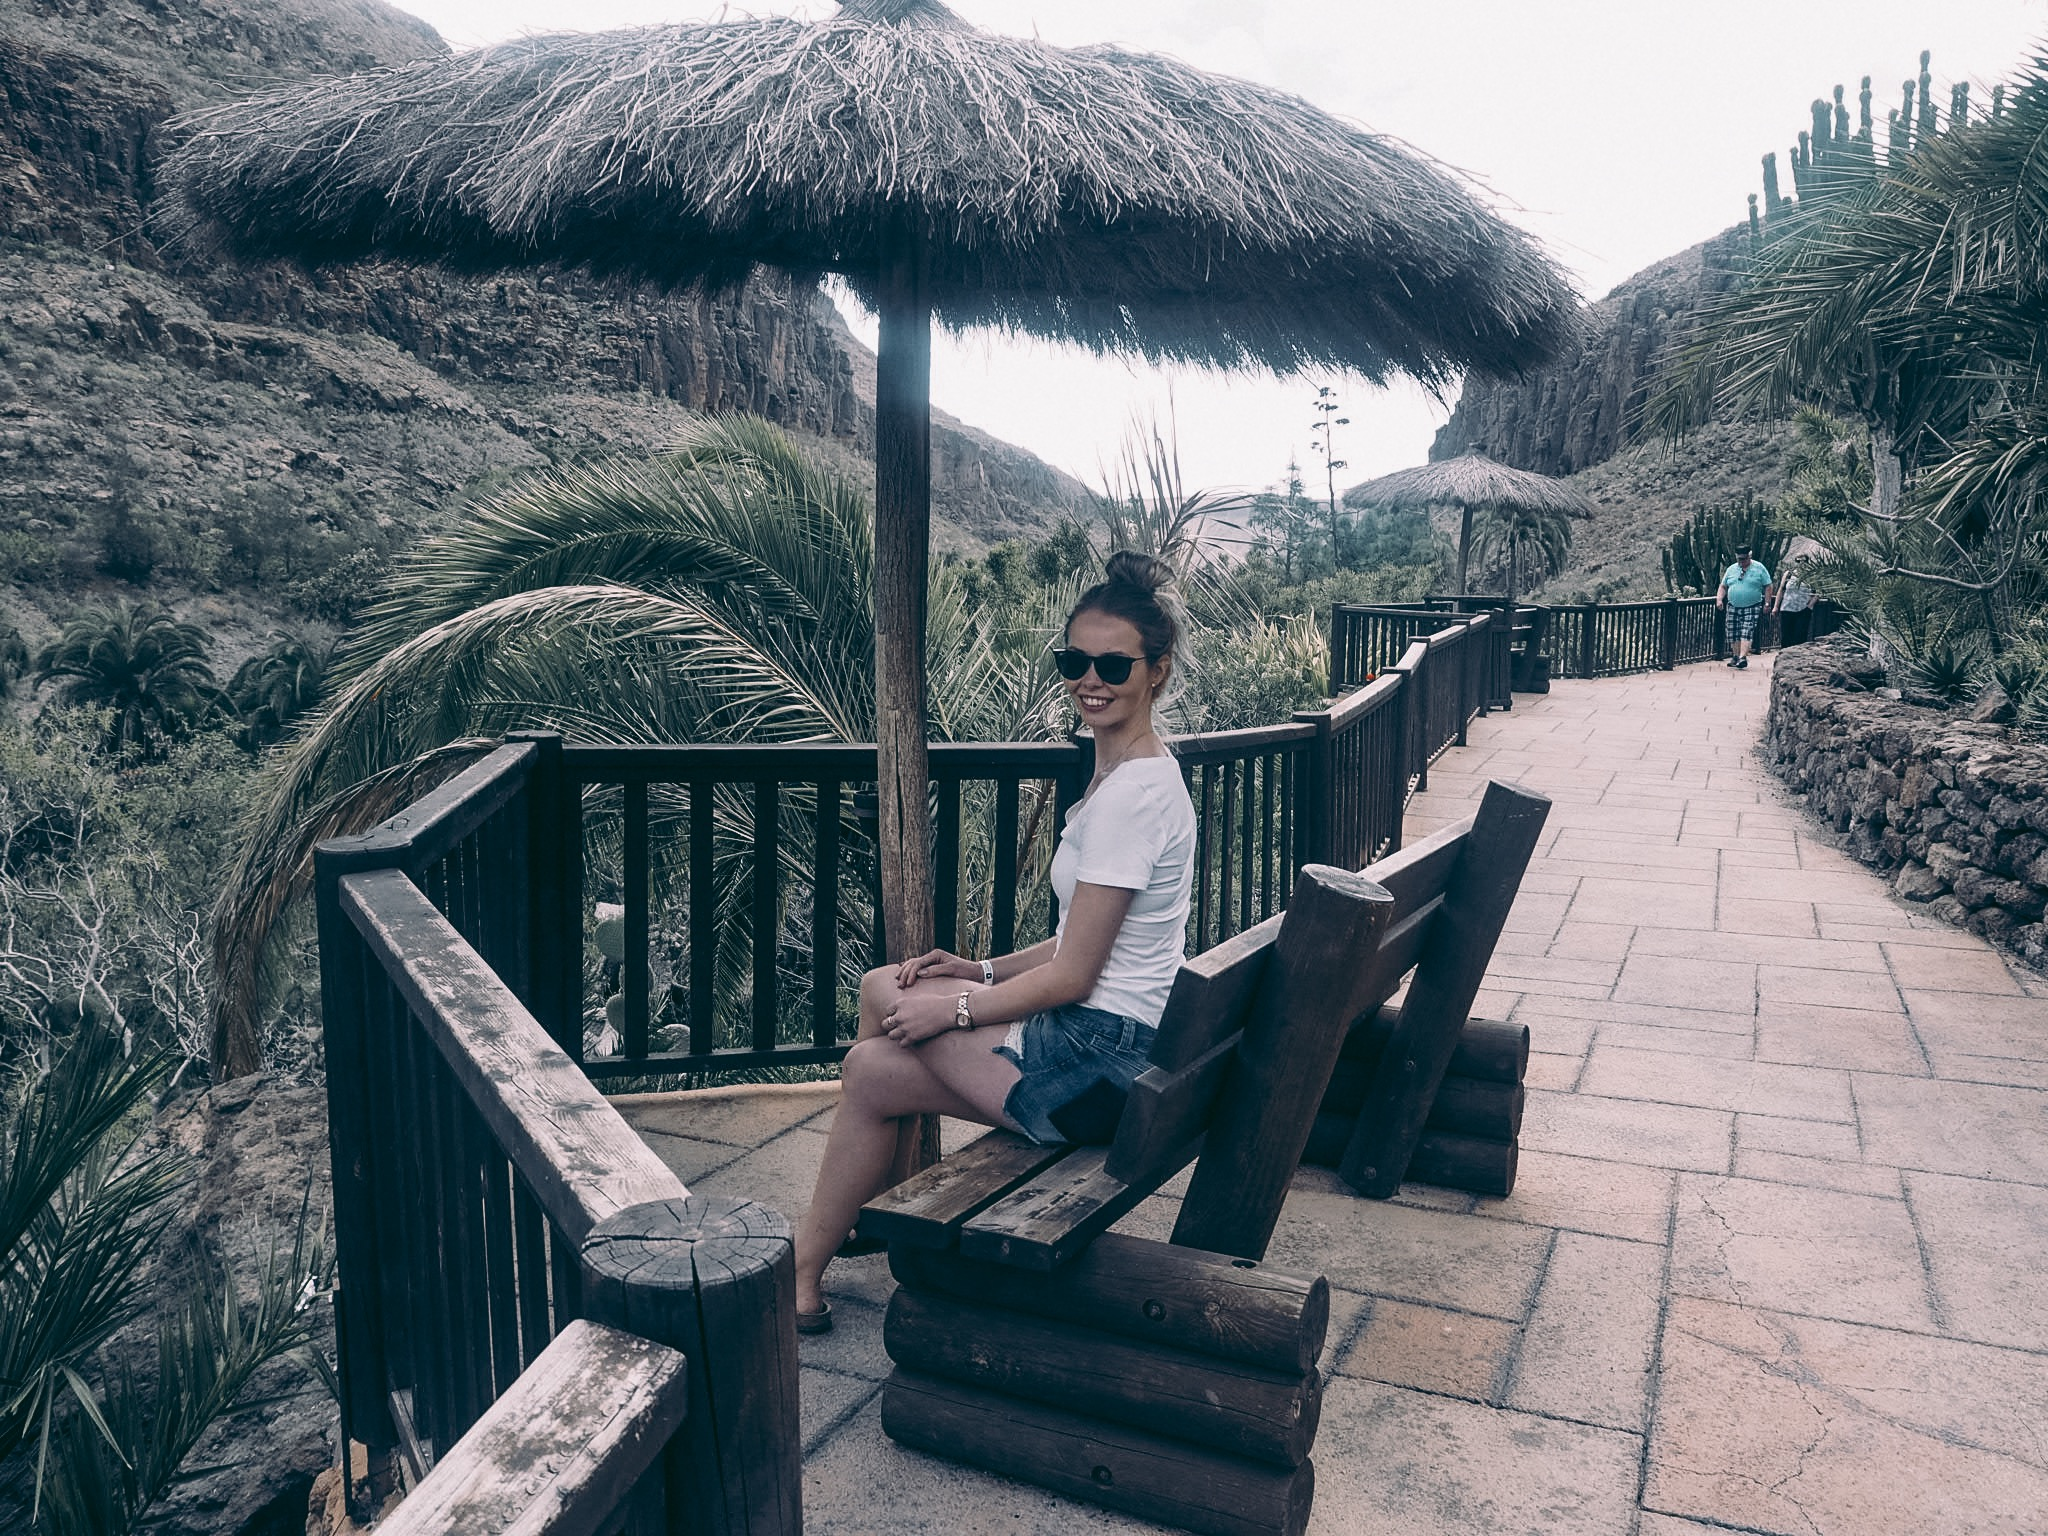 Palmitos Park, Dyrepark på gran canaria